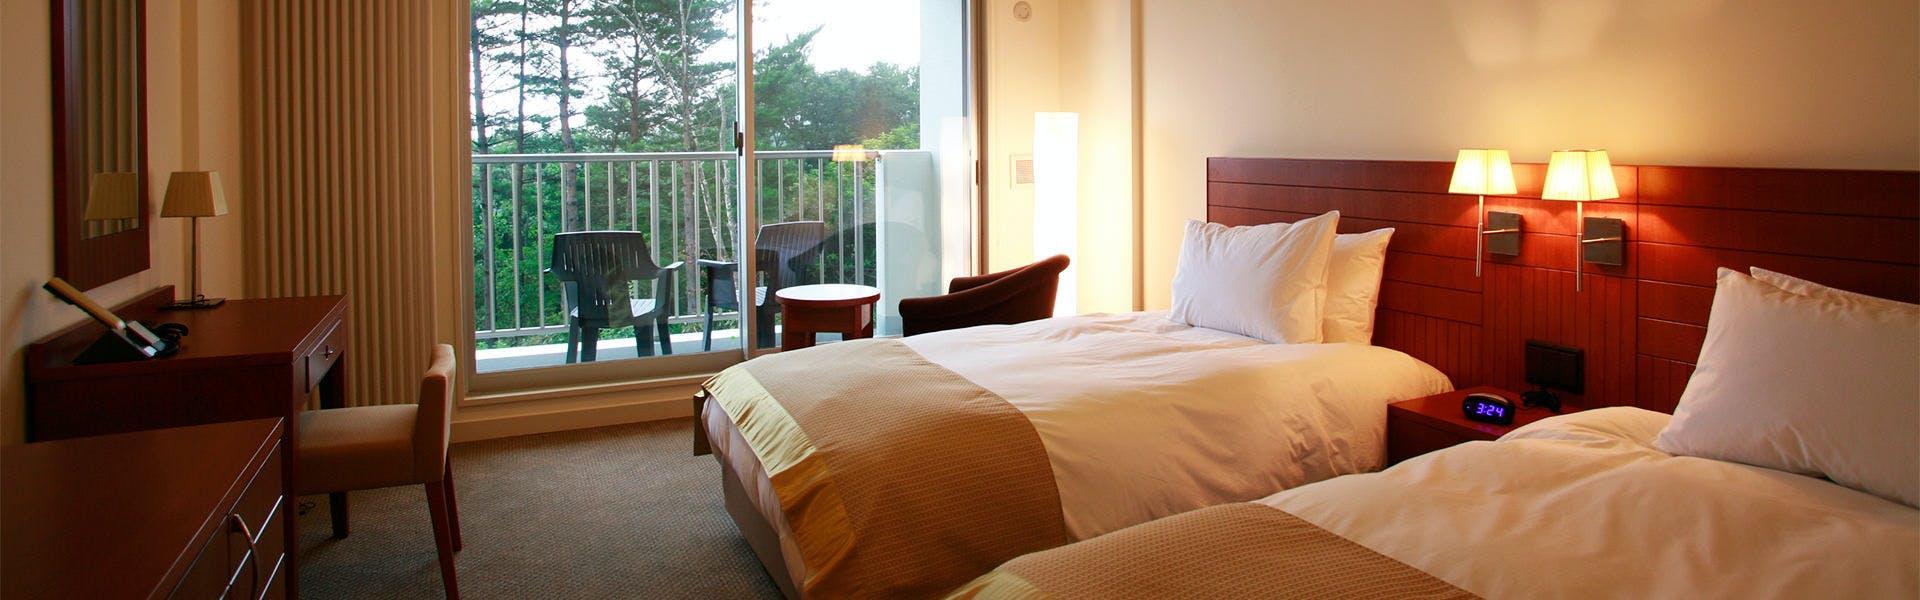 記念日におすすめのホテル・草津温泉 Hotel KURBIO(ホテルクアビオ)の写真2